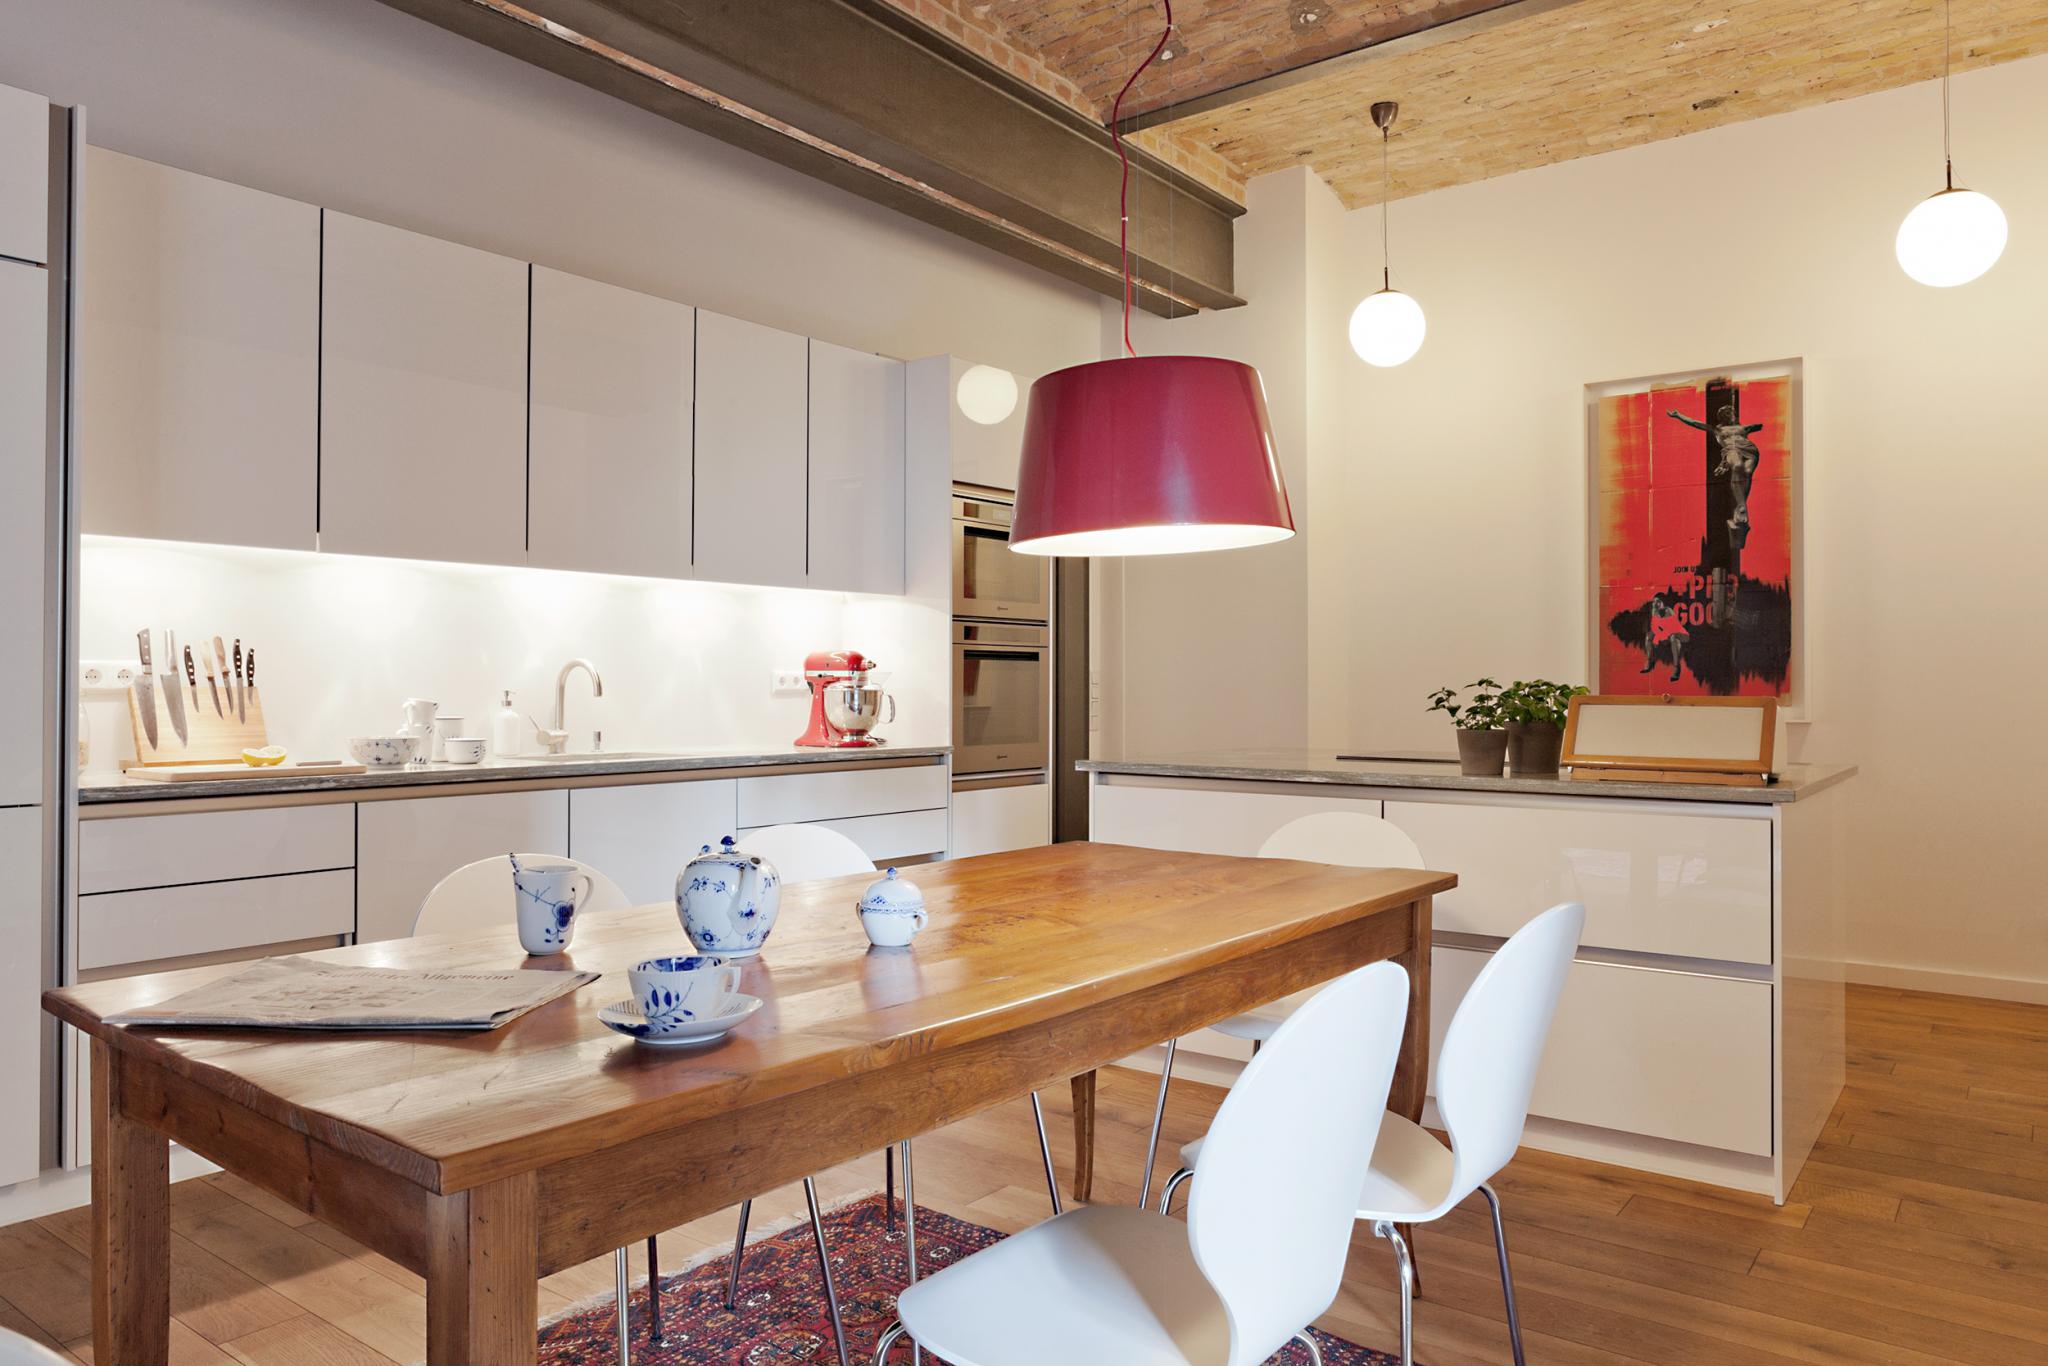 pappelallee 3 fantastic frank. Black Bedroom Furniture Sets. Home Design Ideas